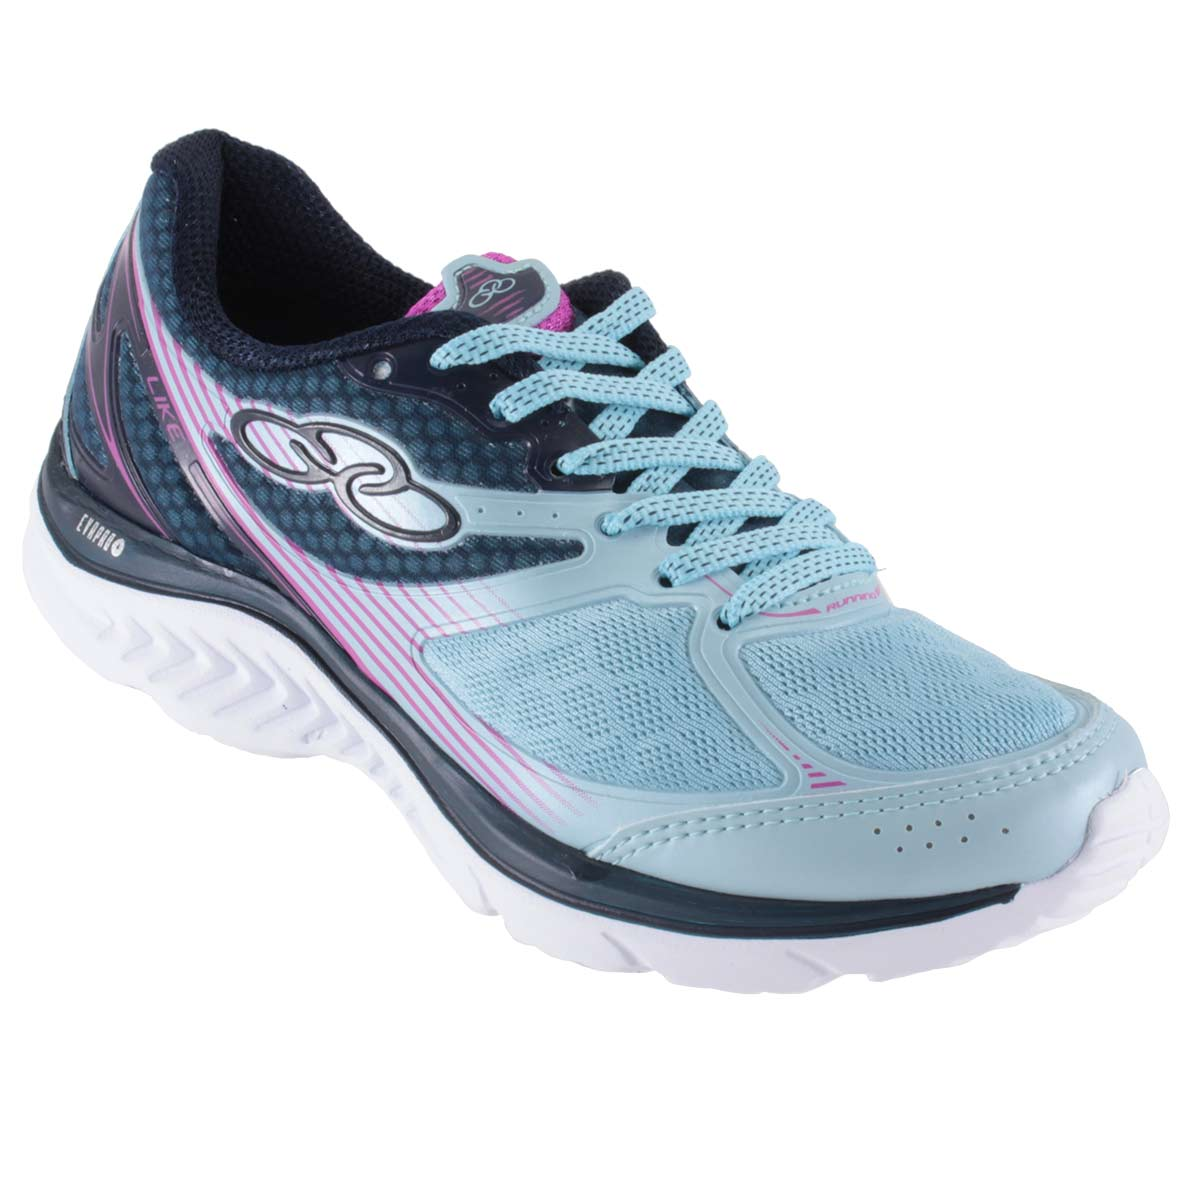 Tênis Olympikus Like Feminino Caminhada Corrida Running 383  - Ian Calçados